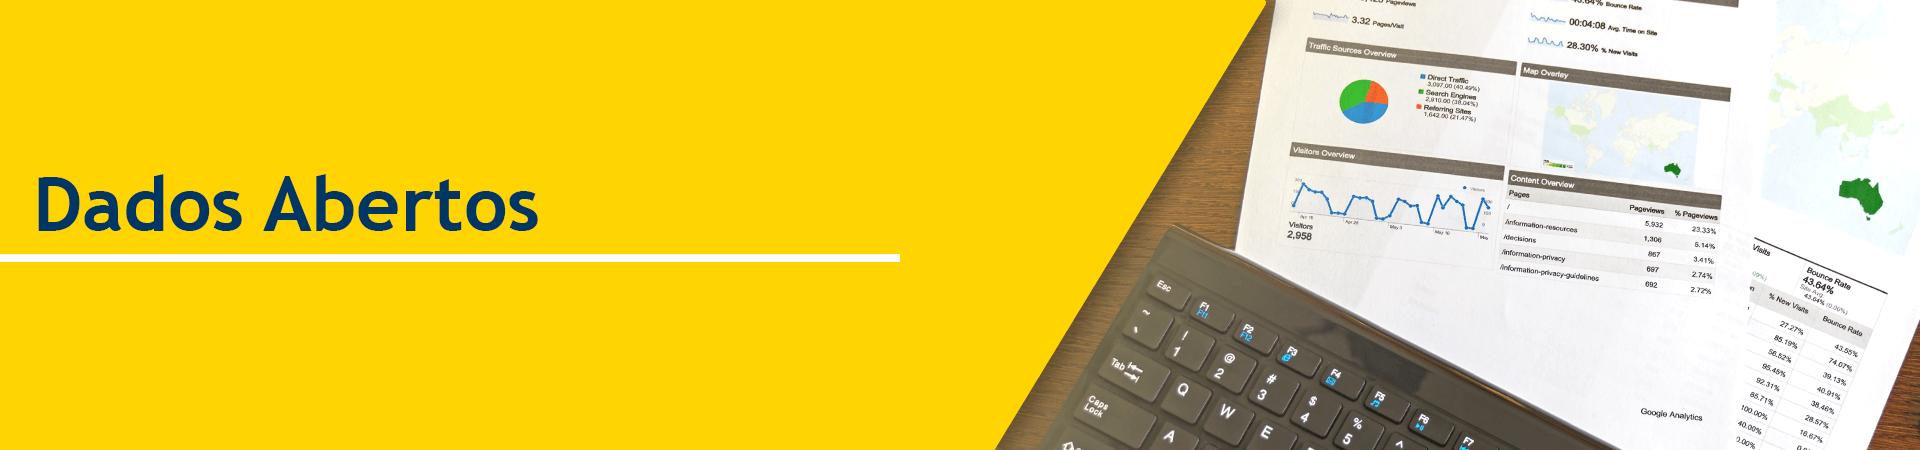 Foto de uma parte de um teclado em sua frente folhas com gráficos e informações. Frase do banner: Dados Abertos